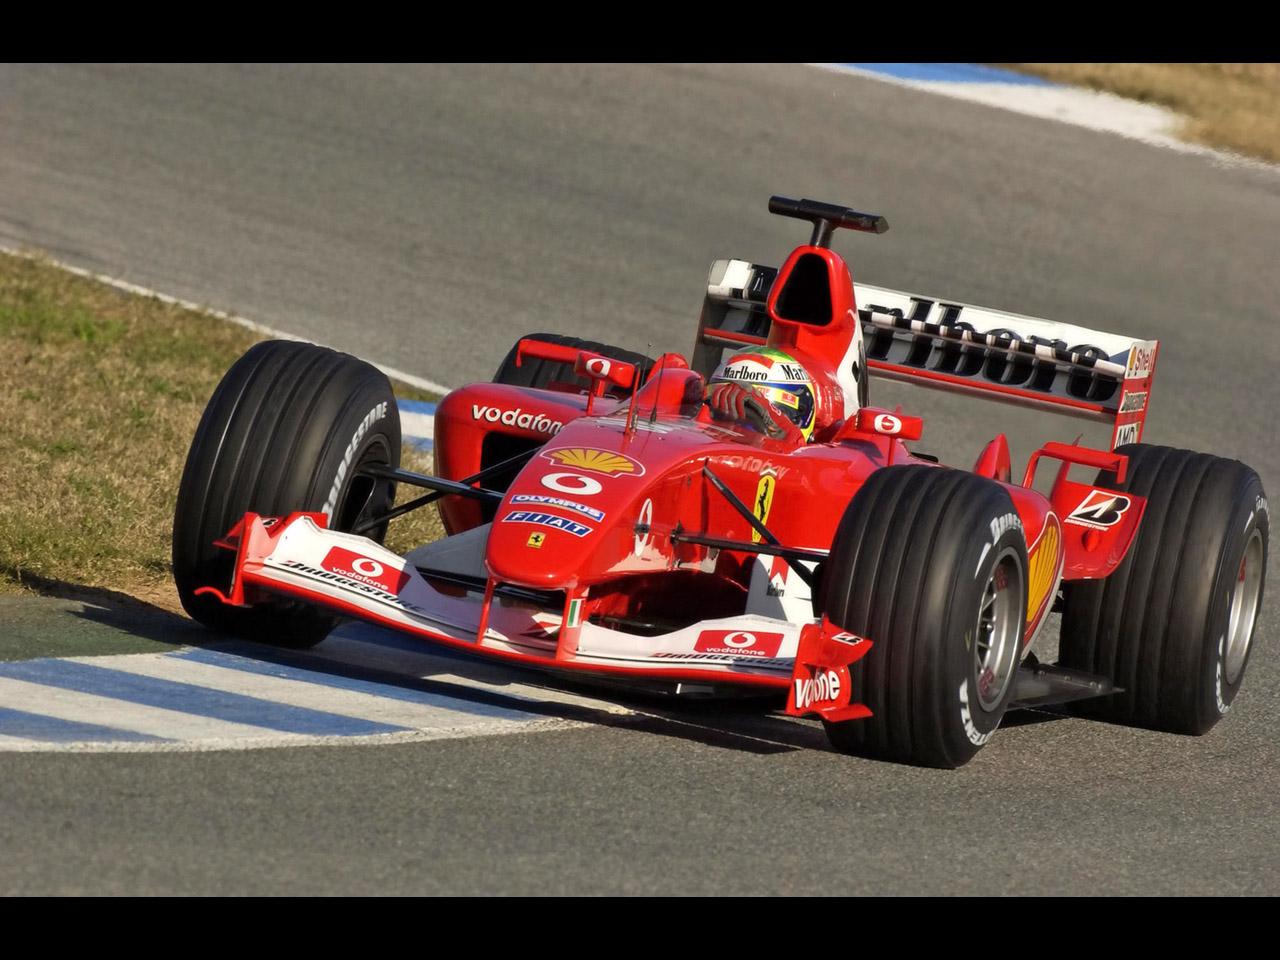 escuderia corre piloto formula 1 hamilton: